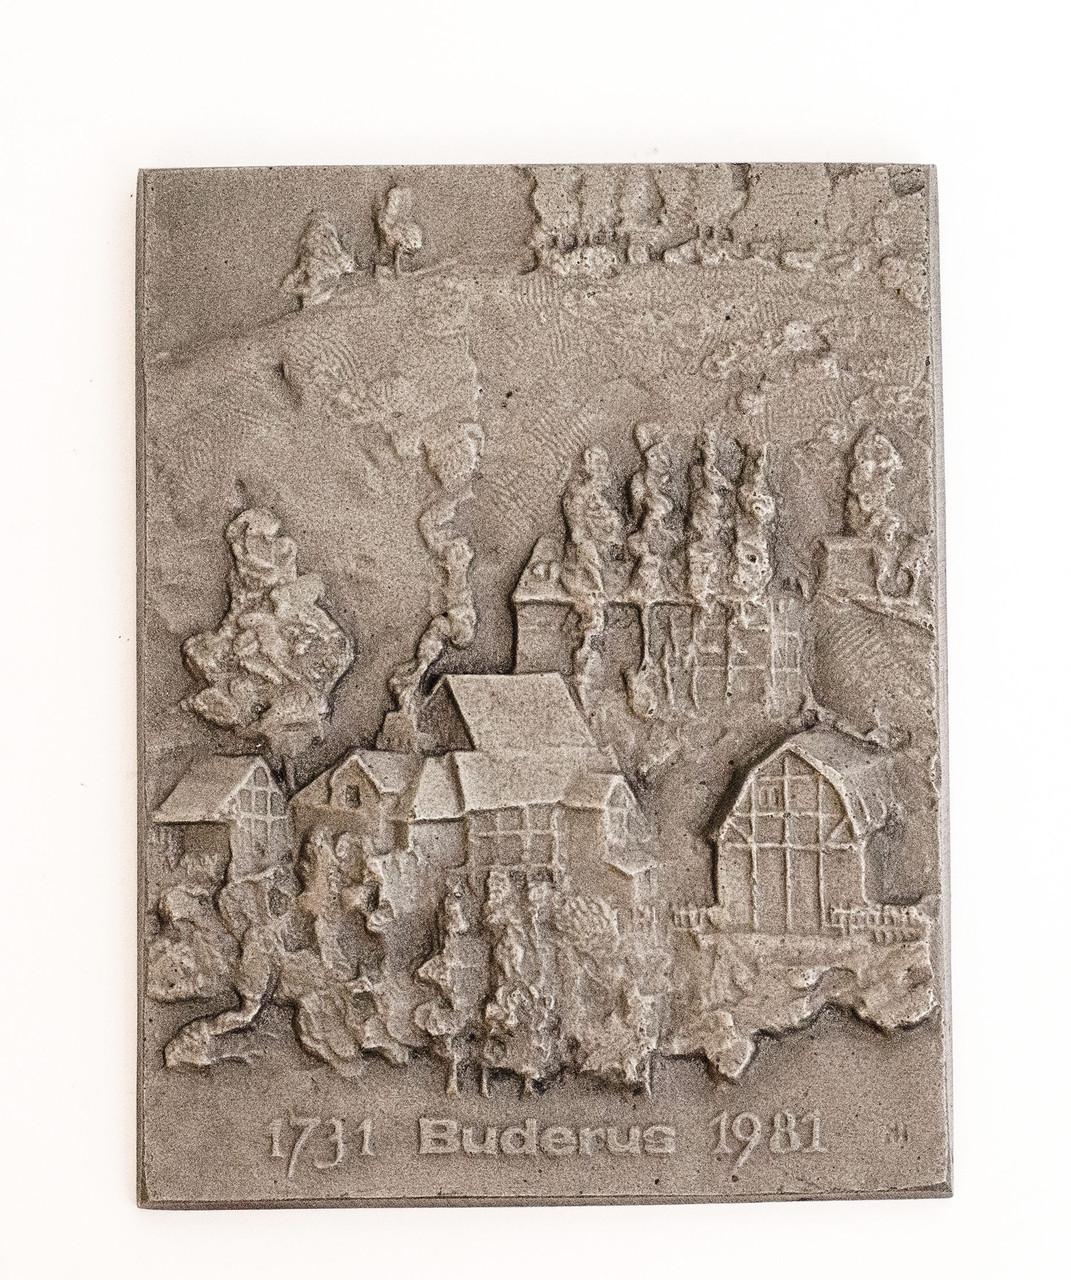 Оригинальное настенное панно, настенный барельеф, декор, Buderus, Германия